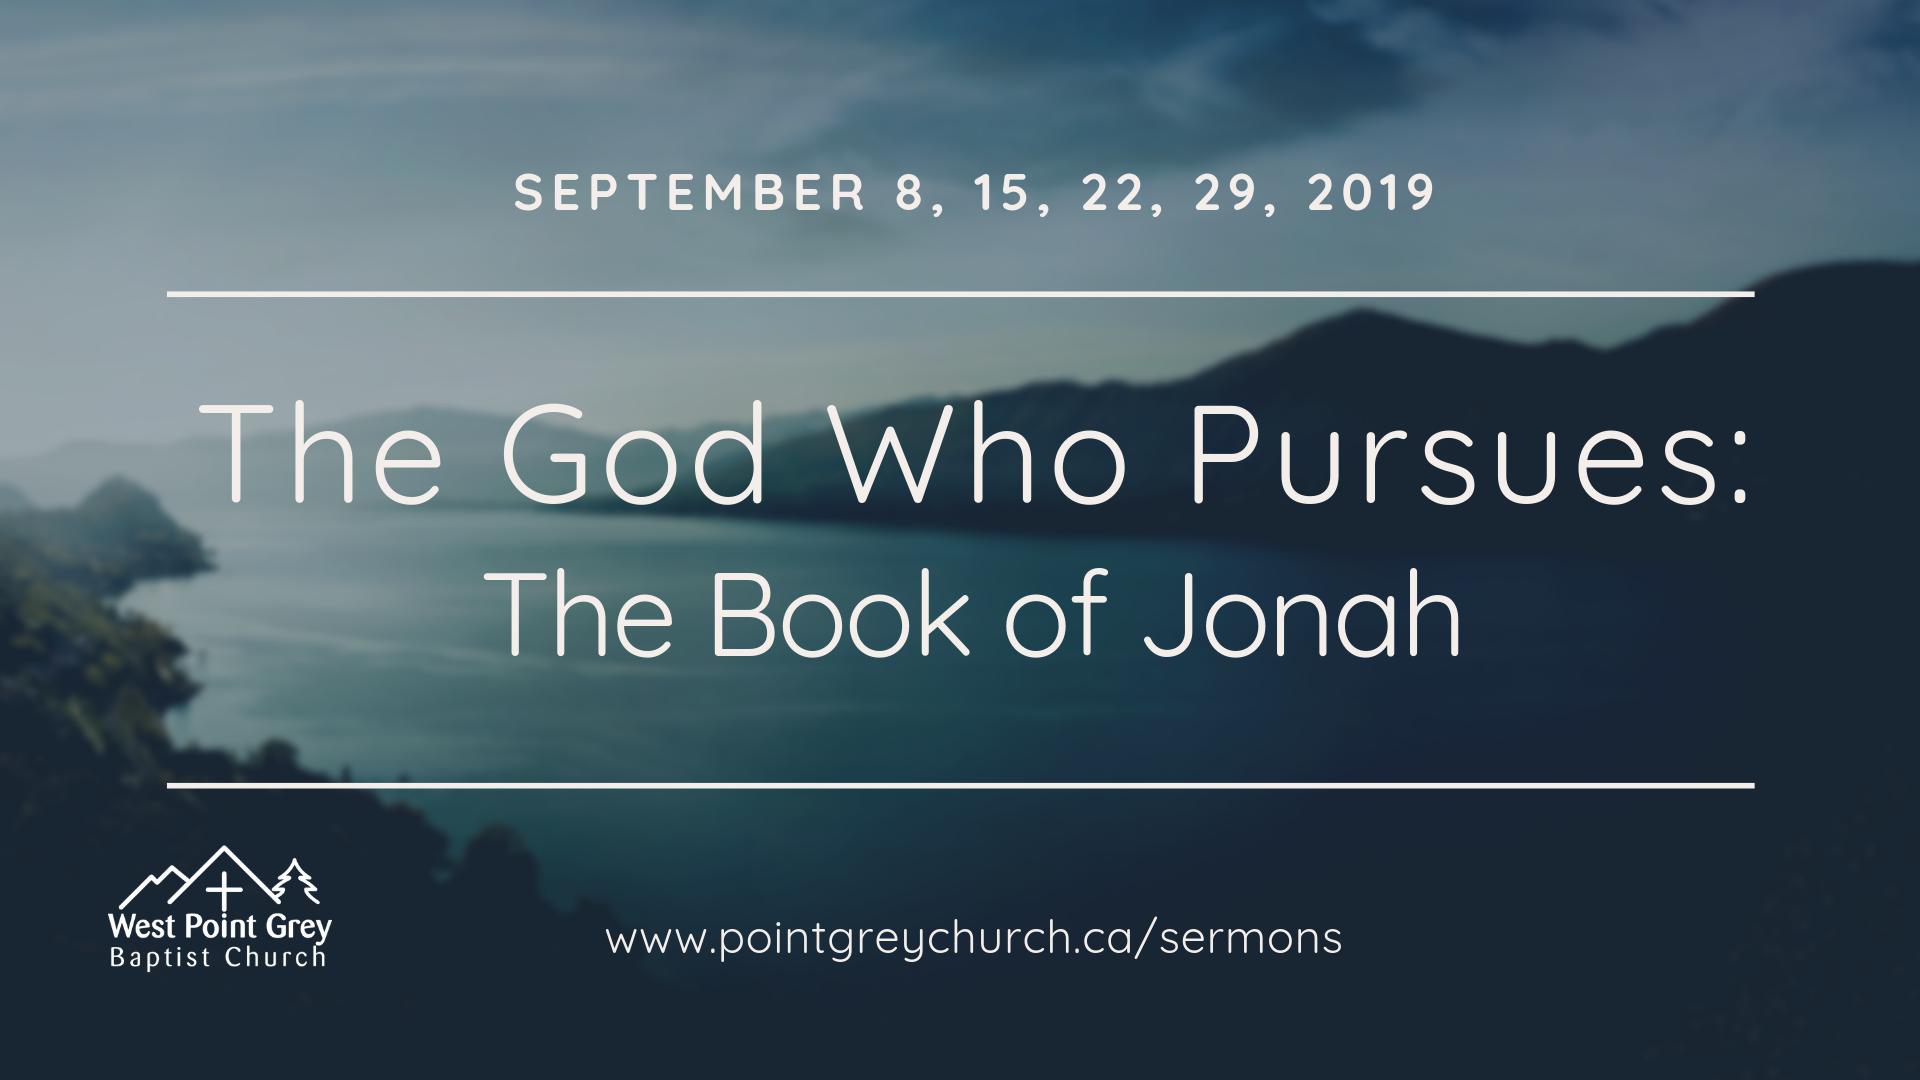 September 8 - 29, 2019